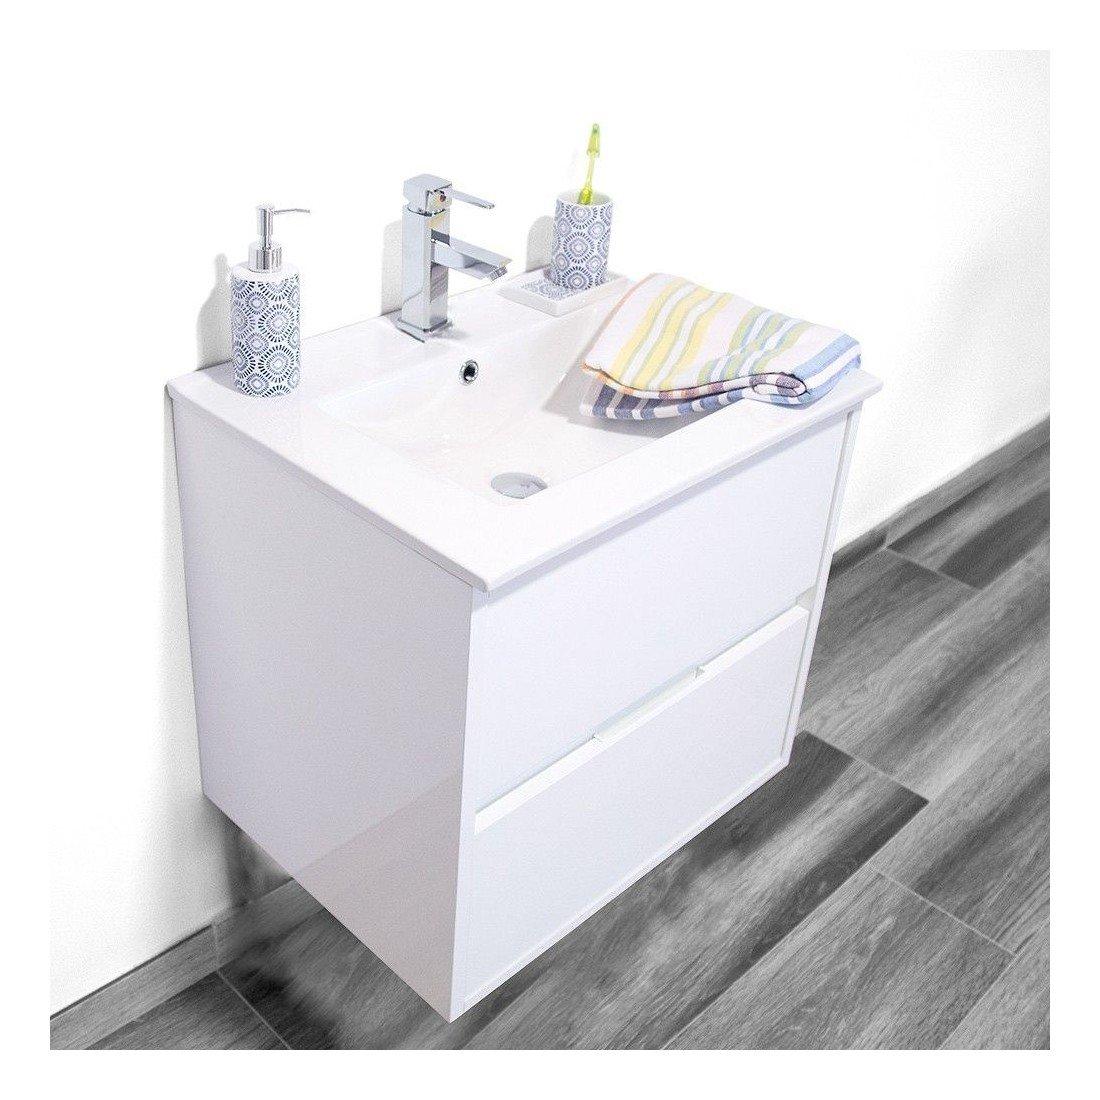 Mueble de ba o noha lacado con lavabo sobre mueble for Lavabo para bano precio